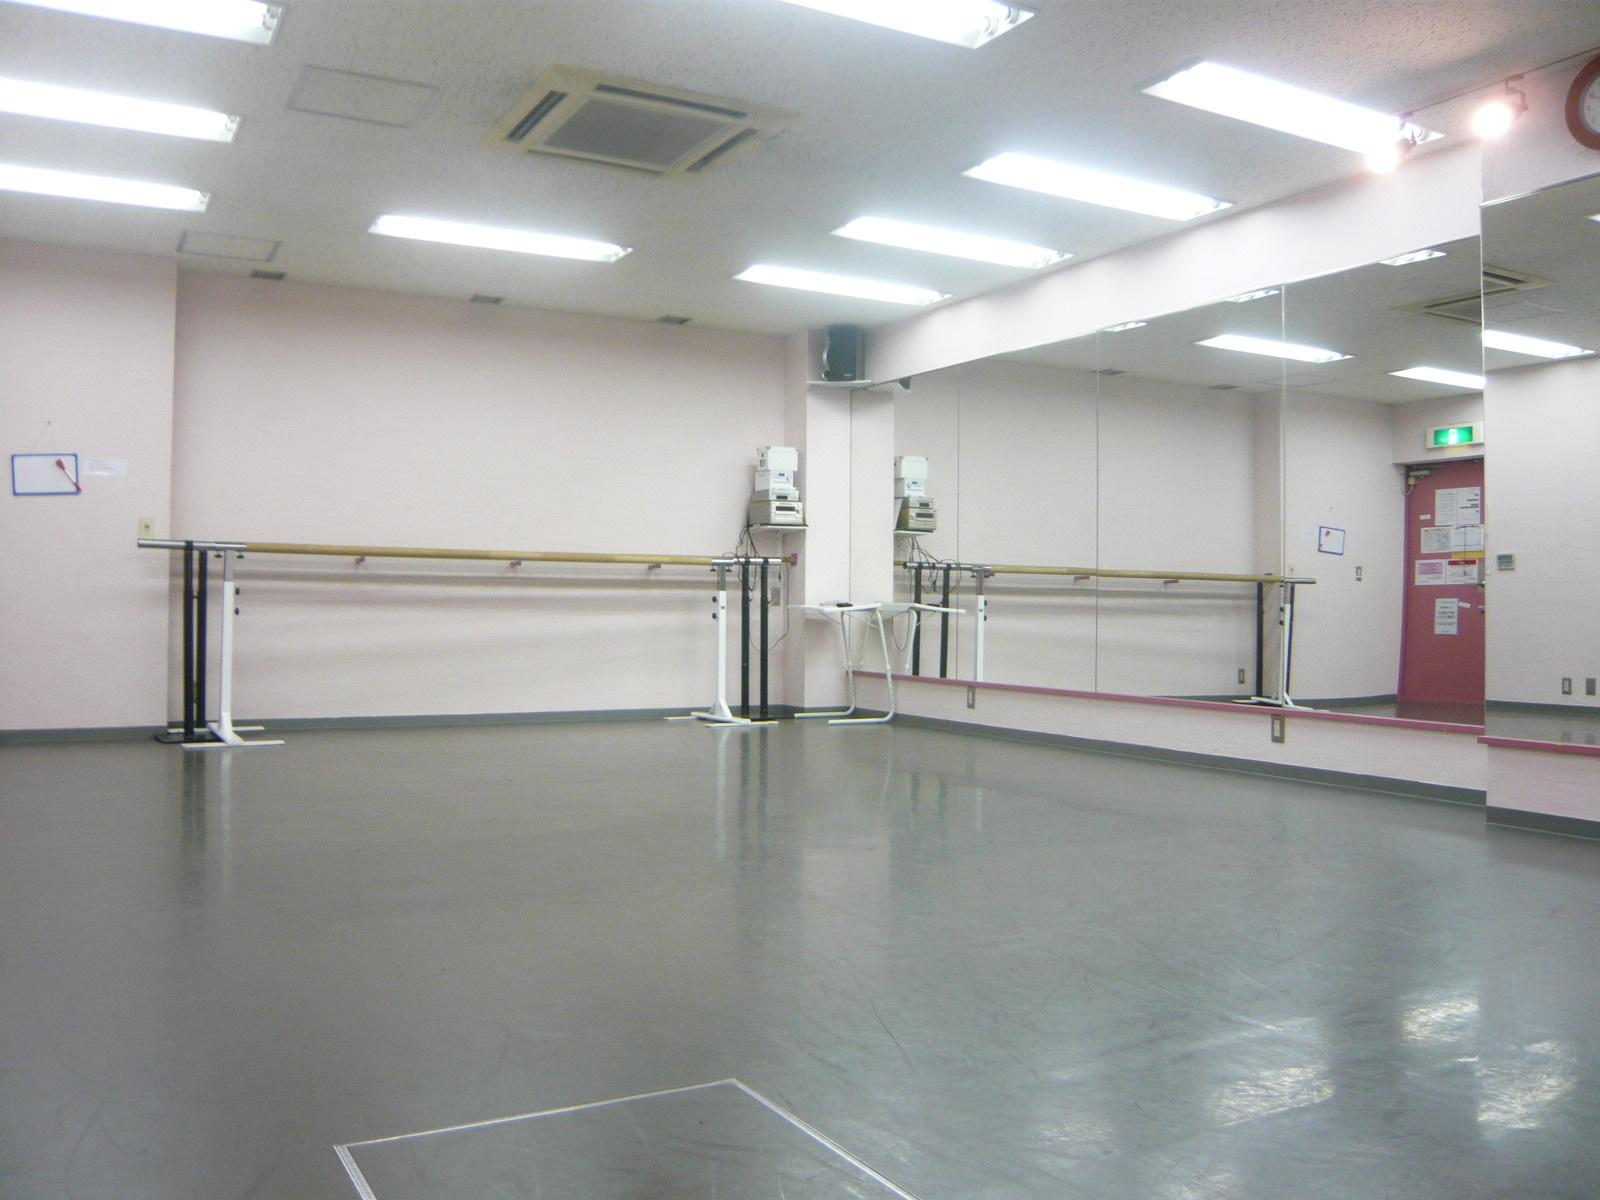 秋葉原 貸しスタジオ レンタルスタジオ ダンス